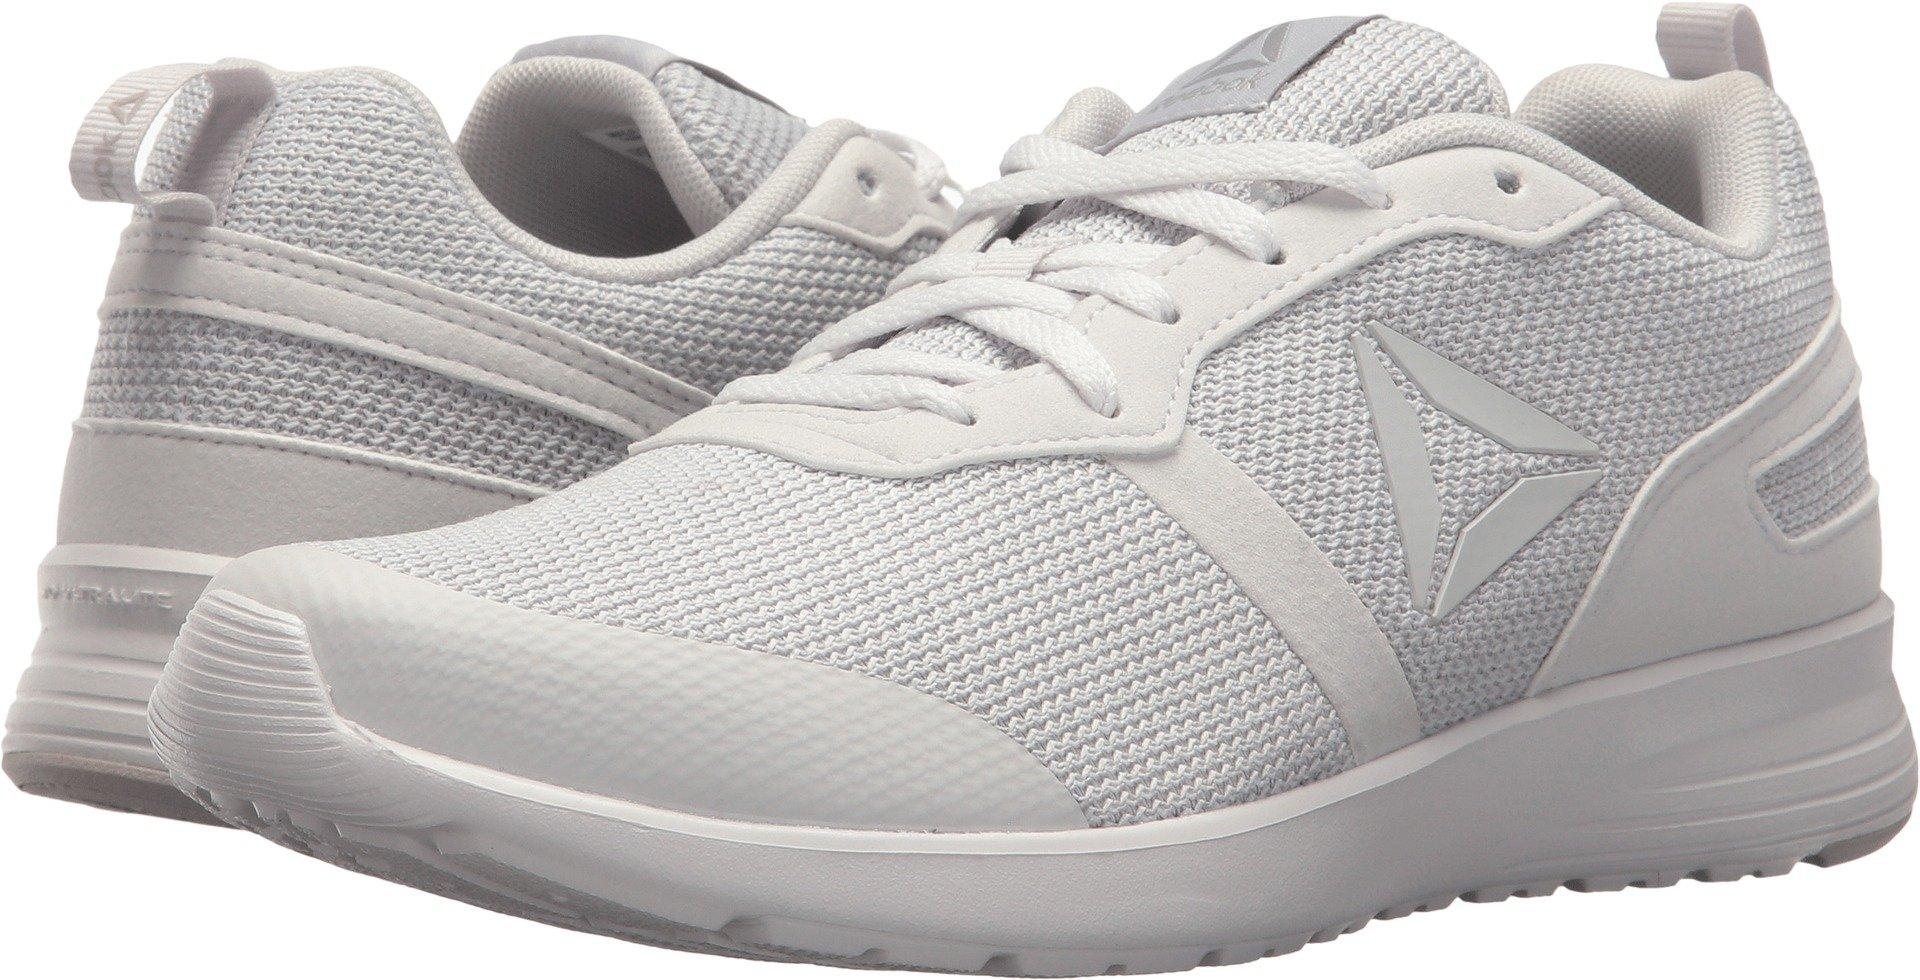 Reebok Women's Foster Flyer Track Shoe,Porcelain/Steel,6.5 M US